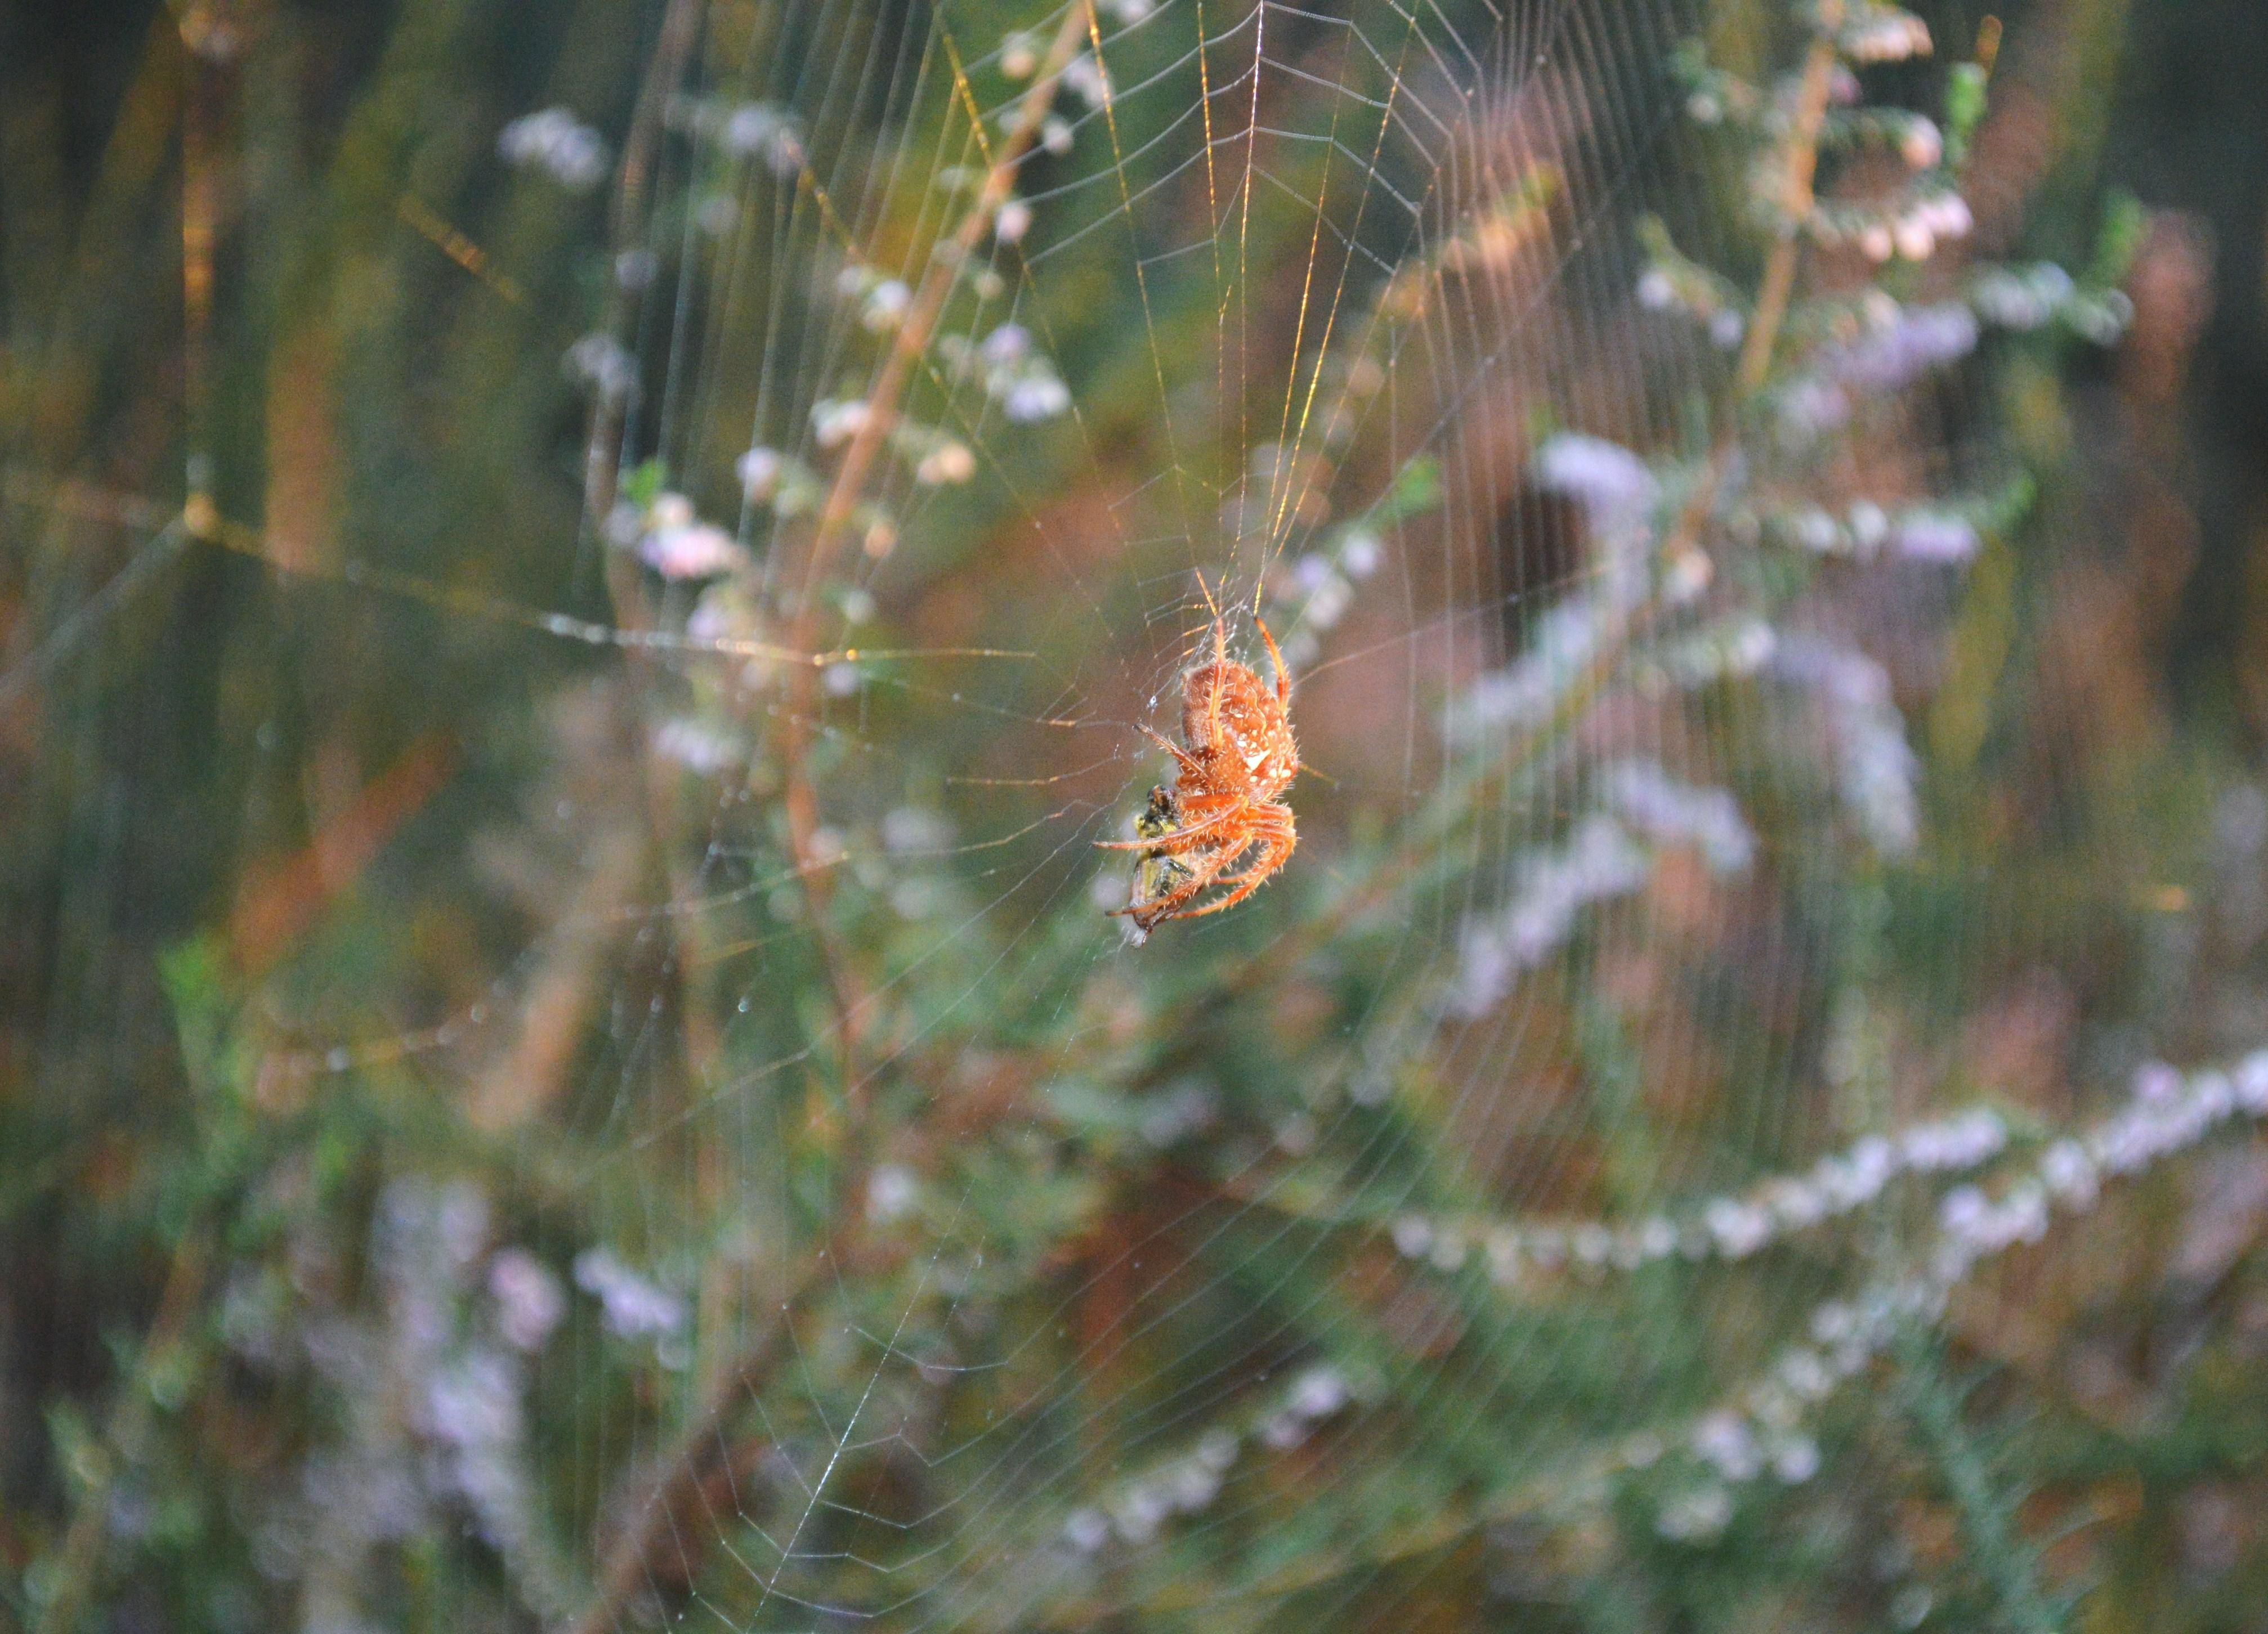 Araña de xardín (Araneus diadematus)